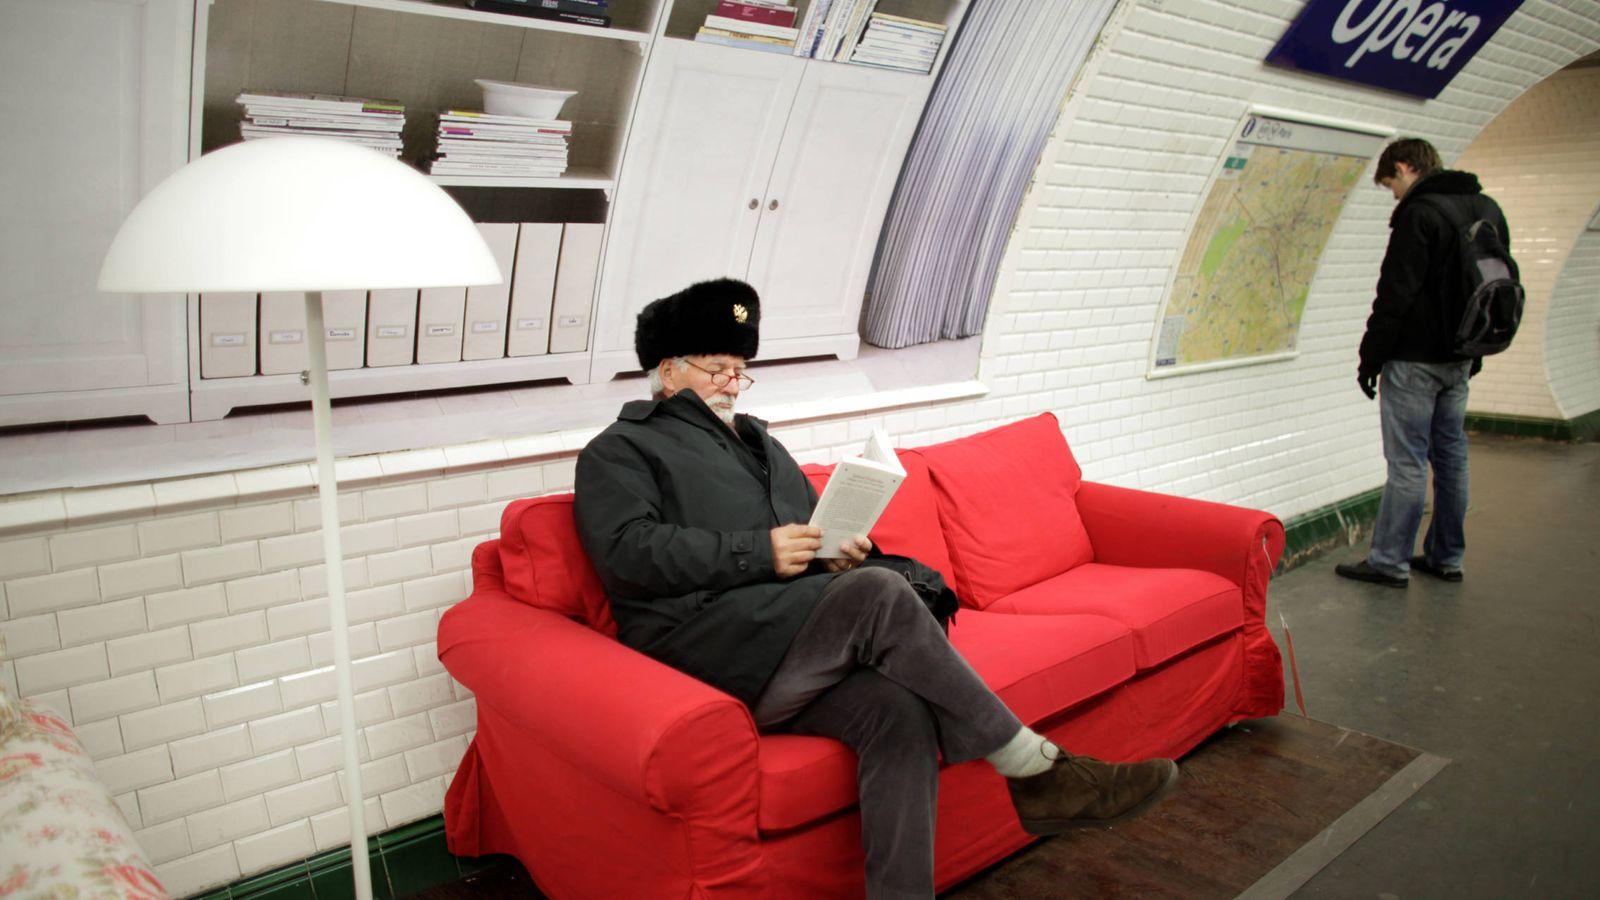 Foto: Un viajero se sienta a leer en un sillón publicitario en una estación del metro de París, en marzo de 2010. (Reuters)